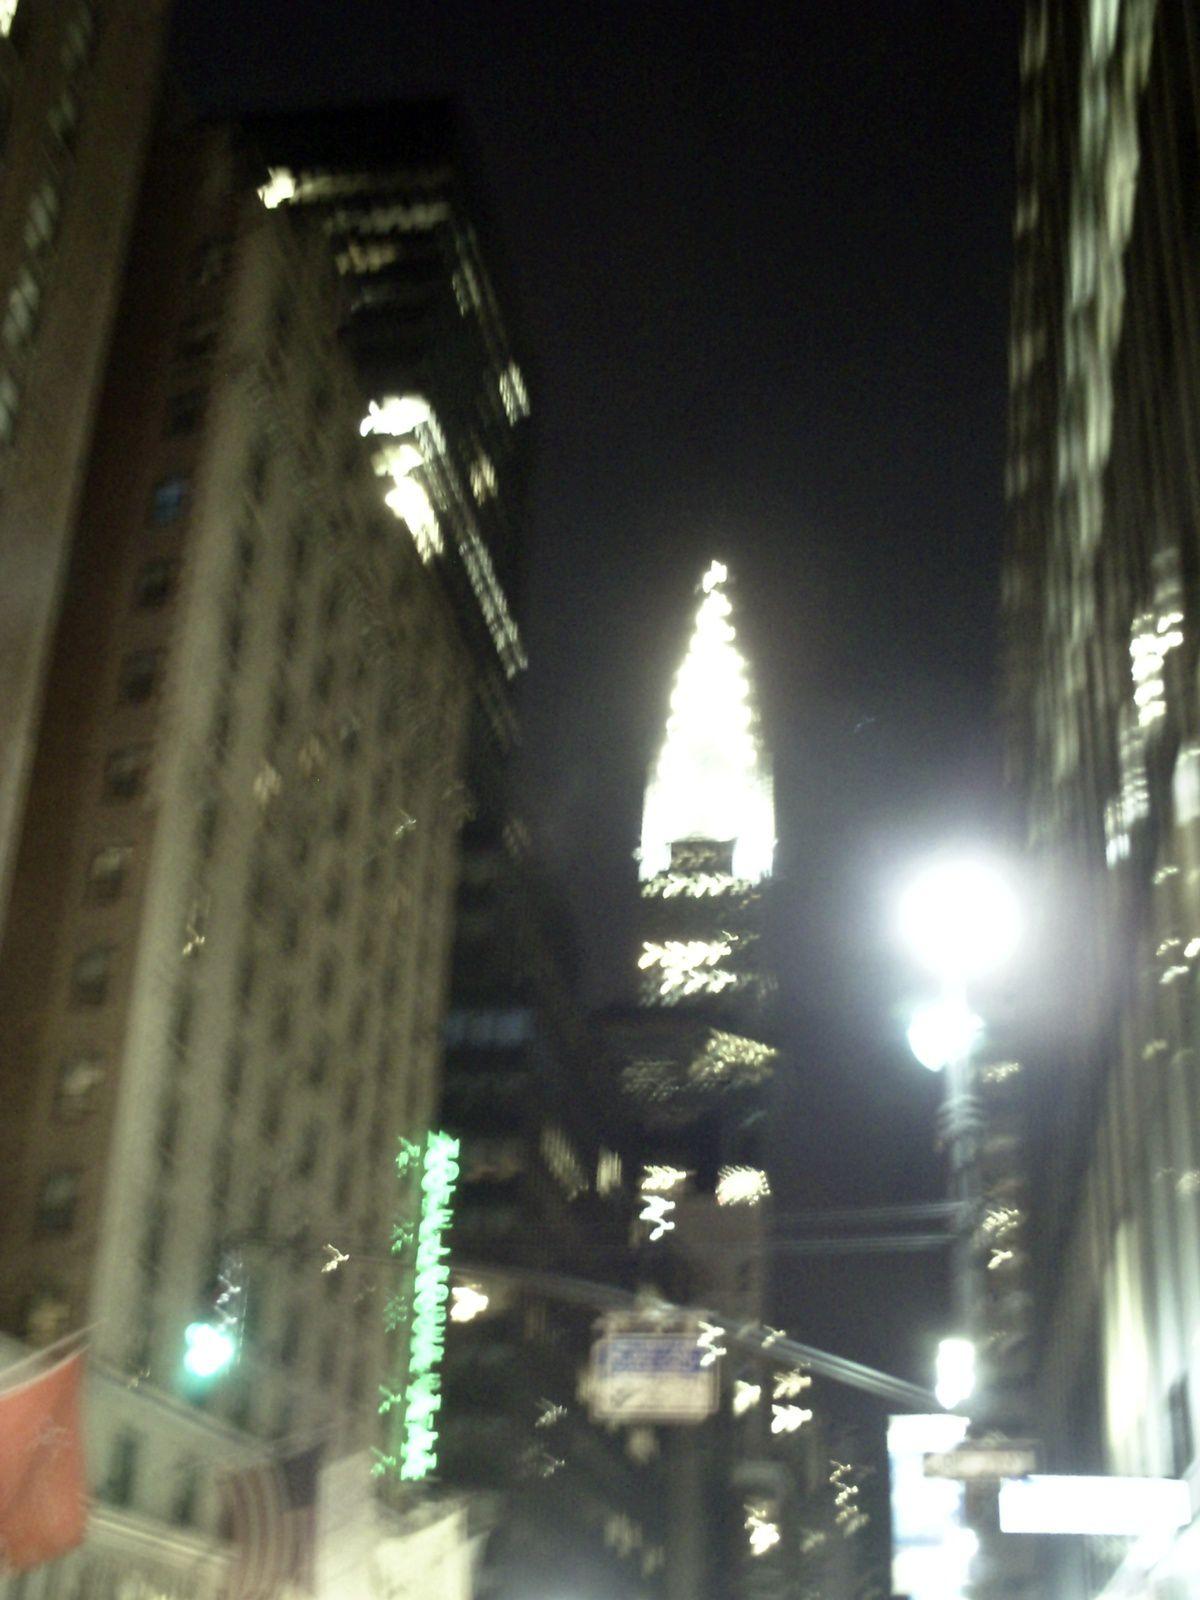 Goldwing Unsersbande  - notre découverte de New york en 4 nuits - 4ème jour